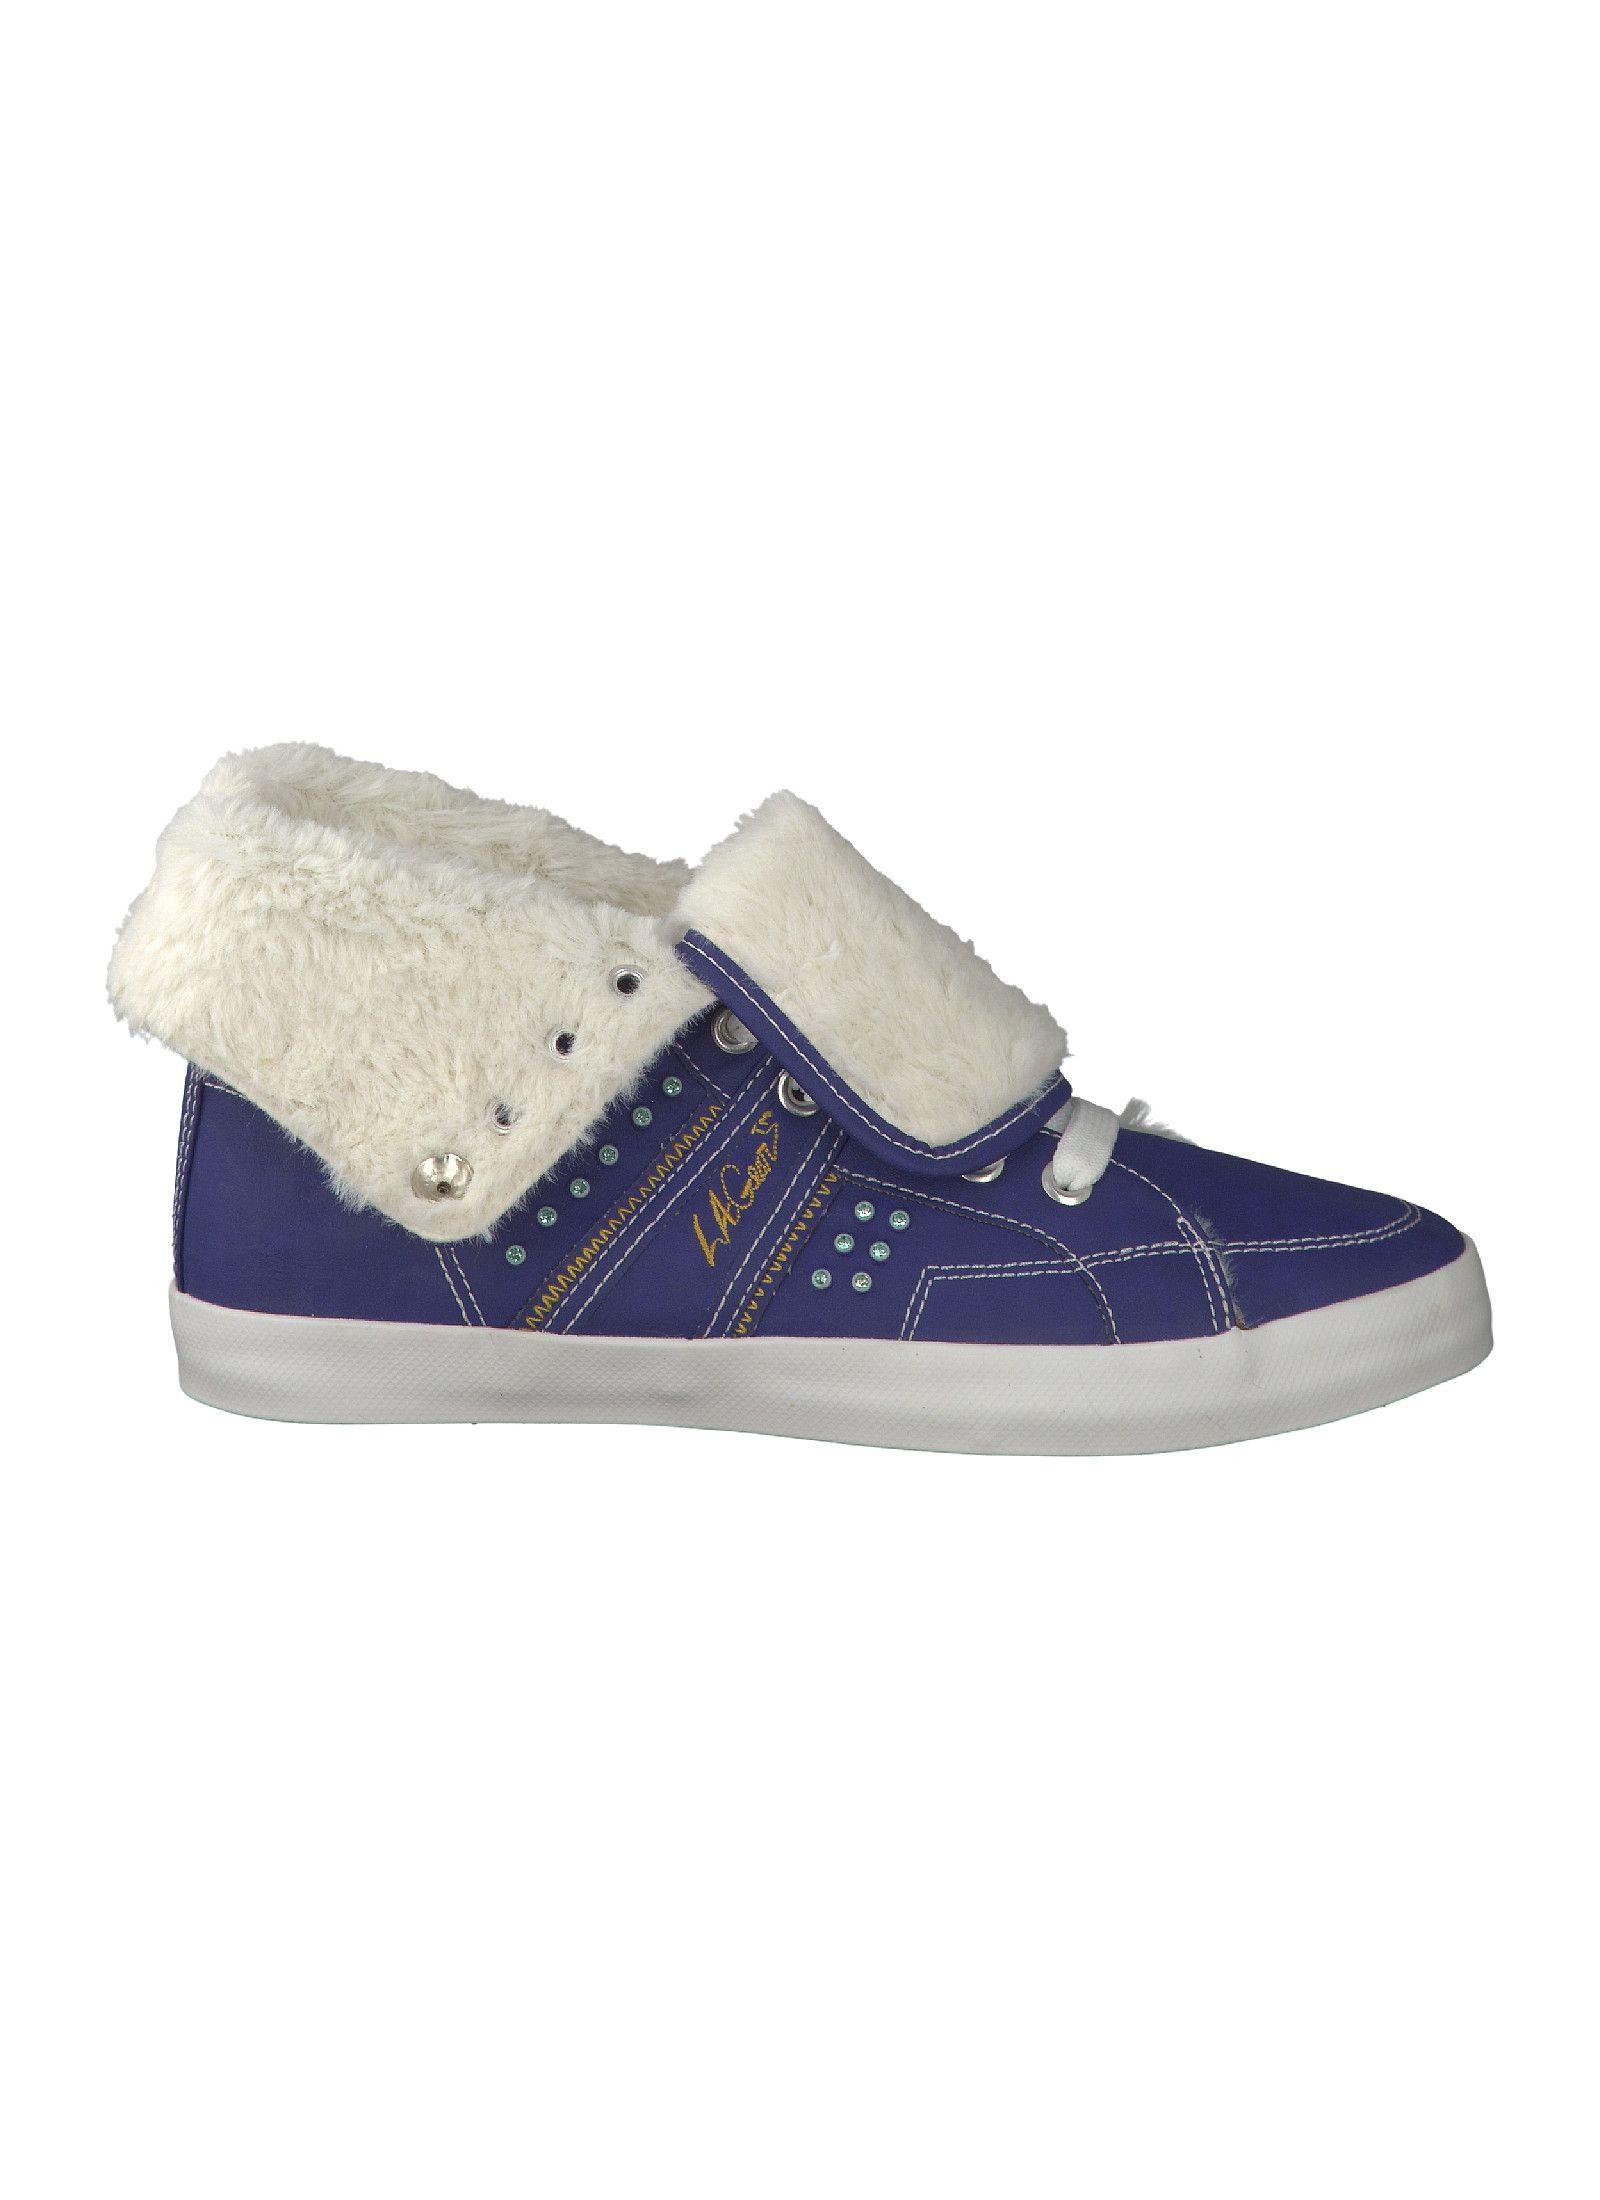 Reno La Gear Bootie Mittelblau Sneaker Damen Schuhe Reno Online Shop Fur Marken Schuhe Nike Mode Sneaker Damen Schuhe Damen